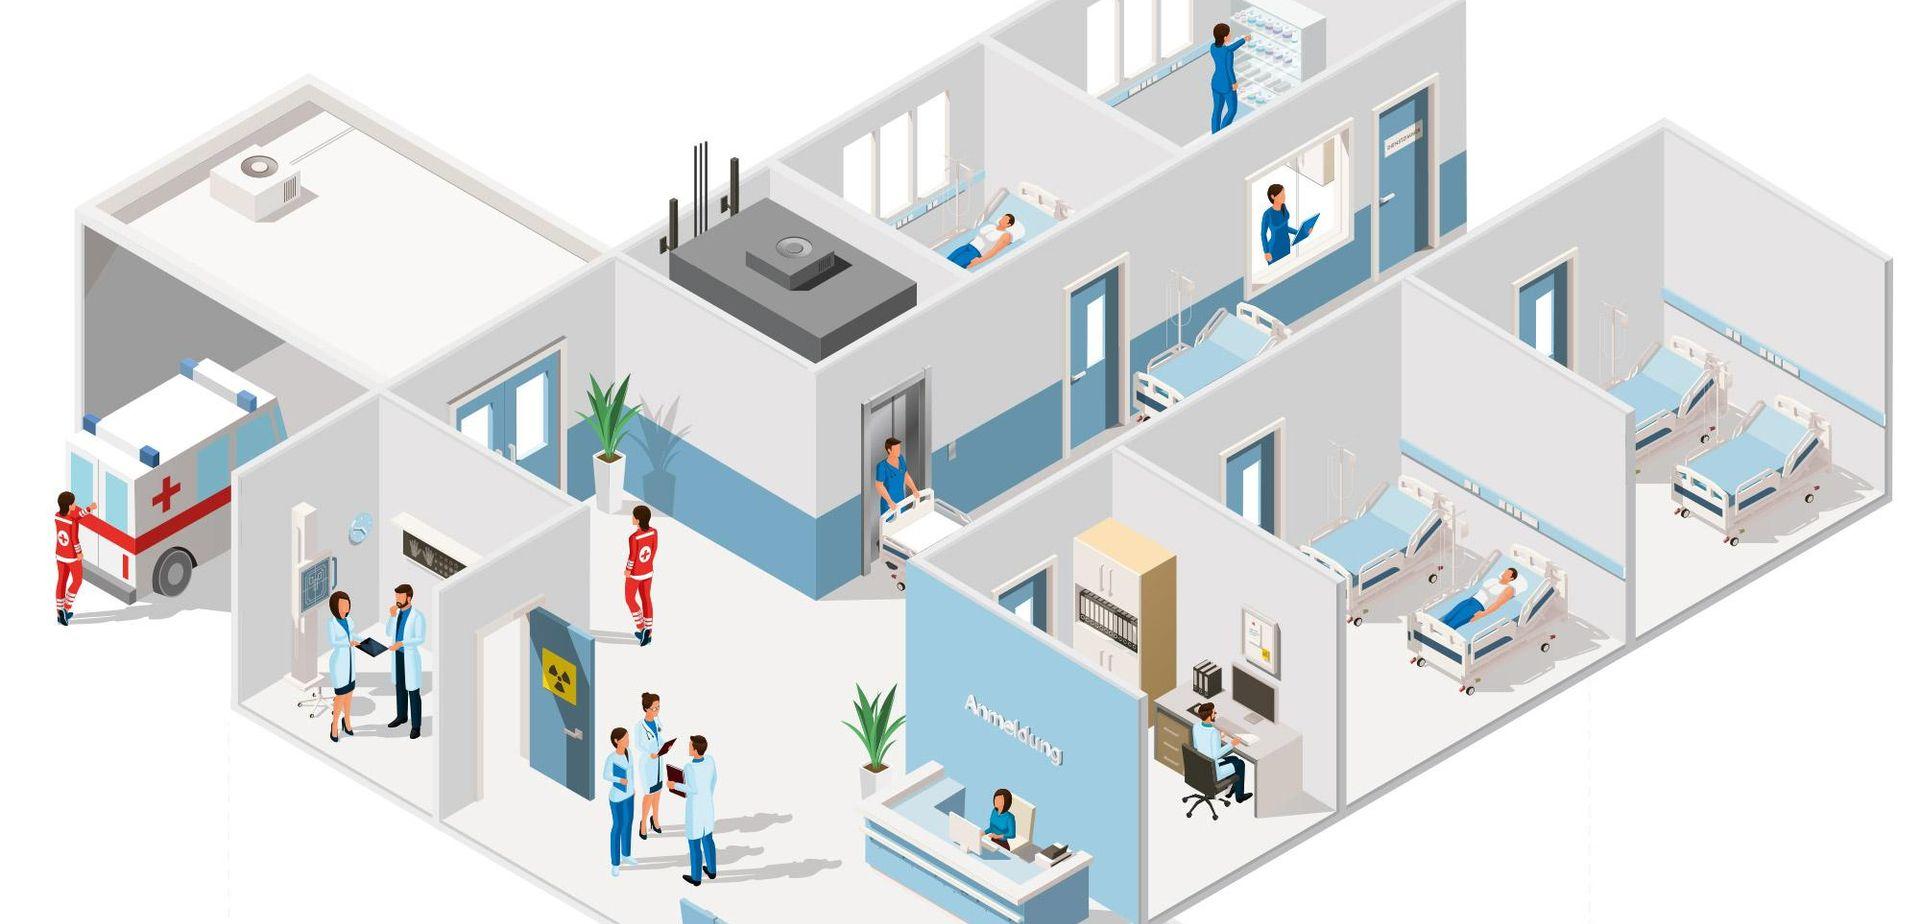 """""""Έξυπνο"""" νοσοκομείο Αυστραλία: Αναπτύσσει τεχνολογία αυτοματισμού"""